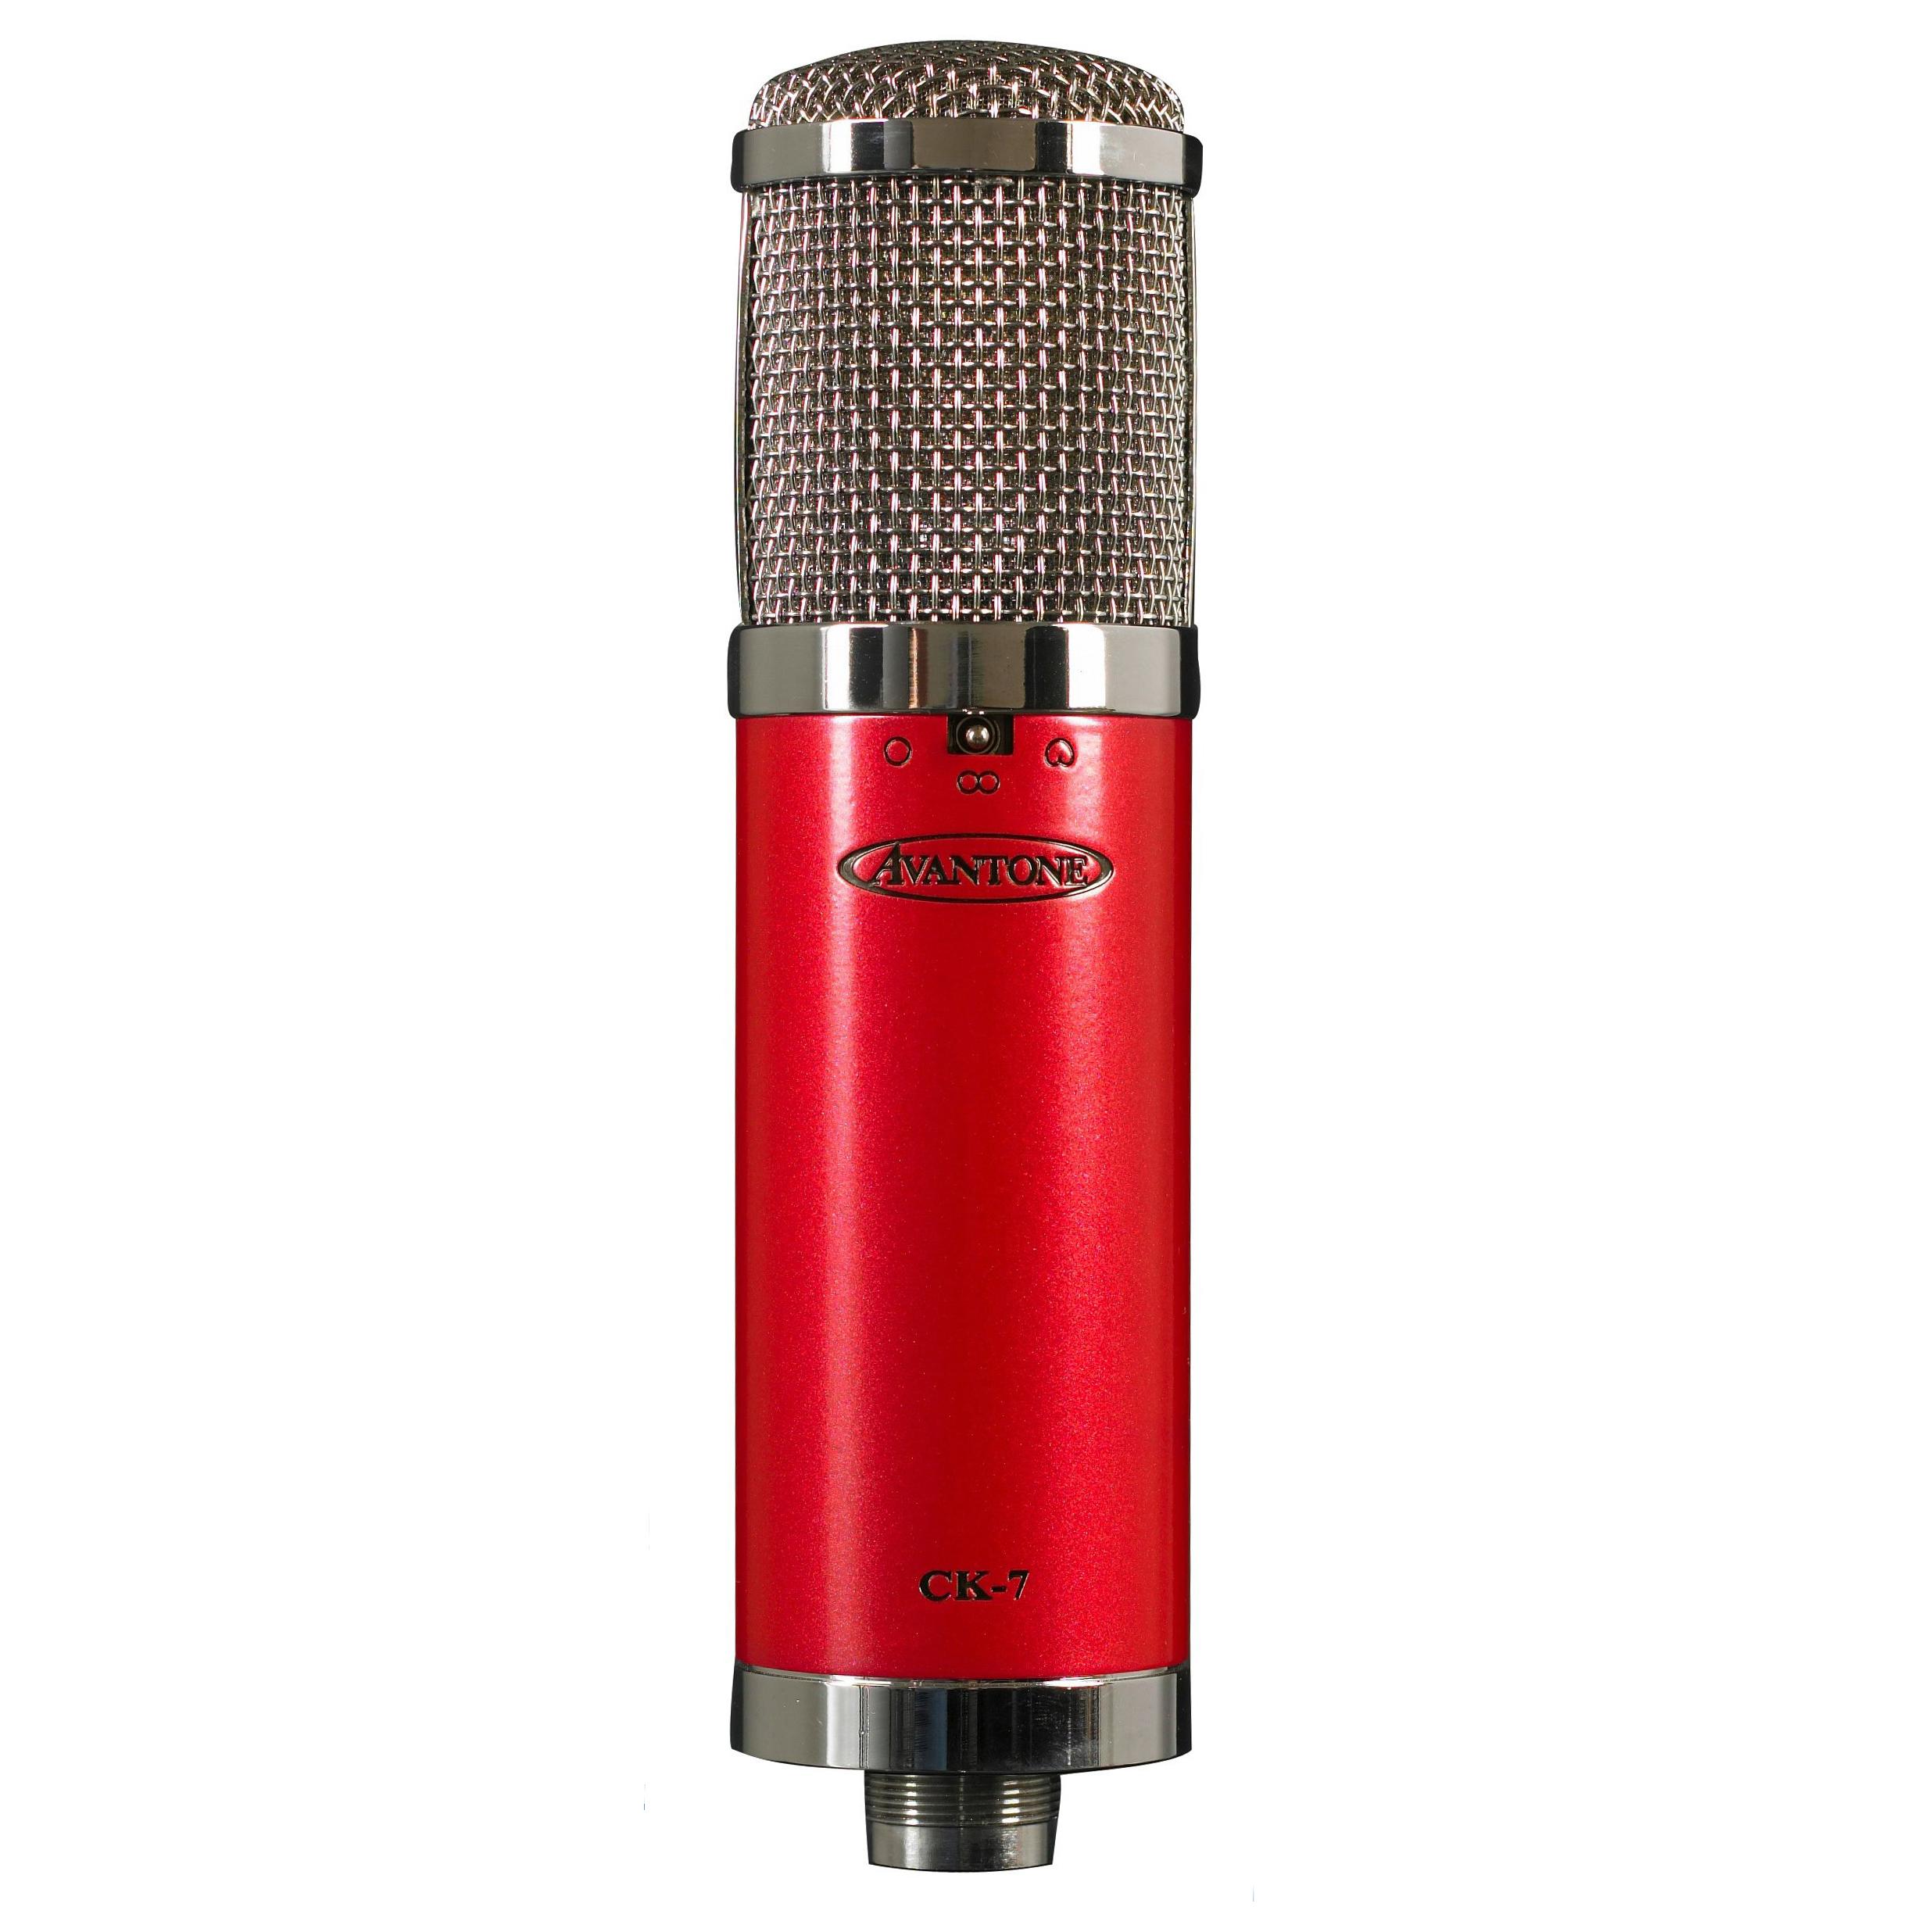 Avantone CK-7 kondensatormikrofon